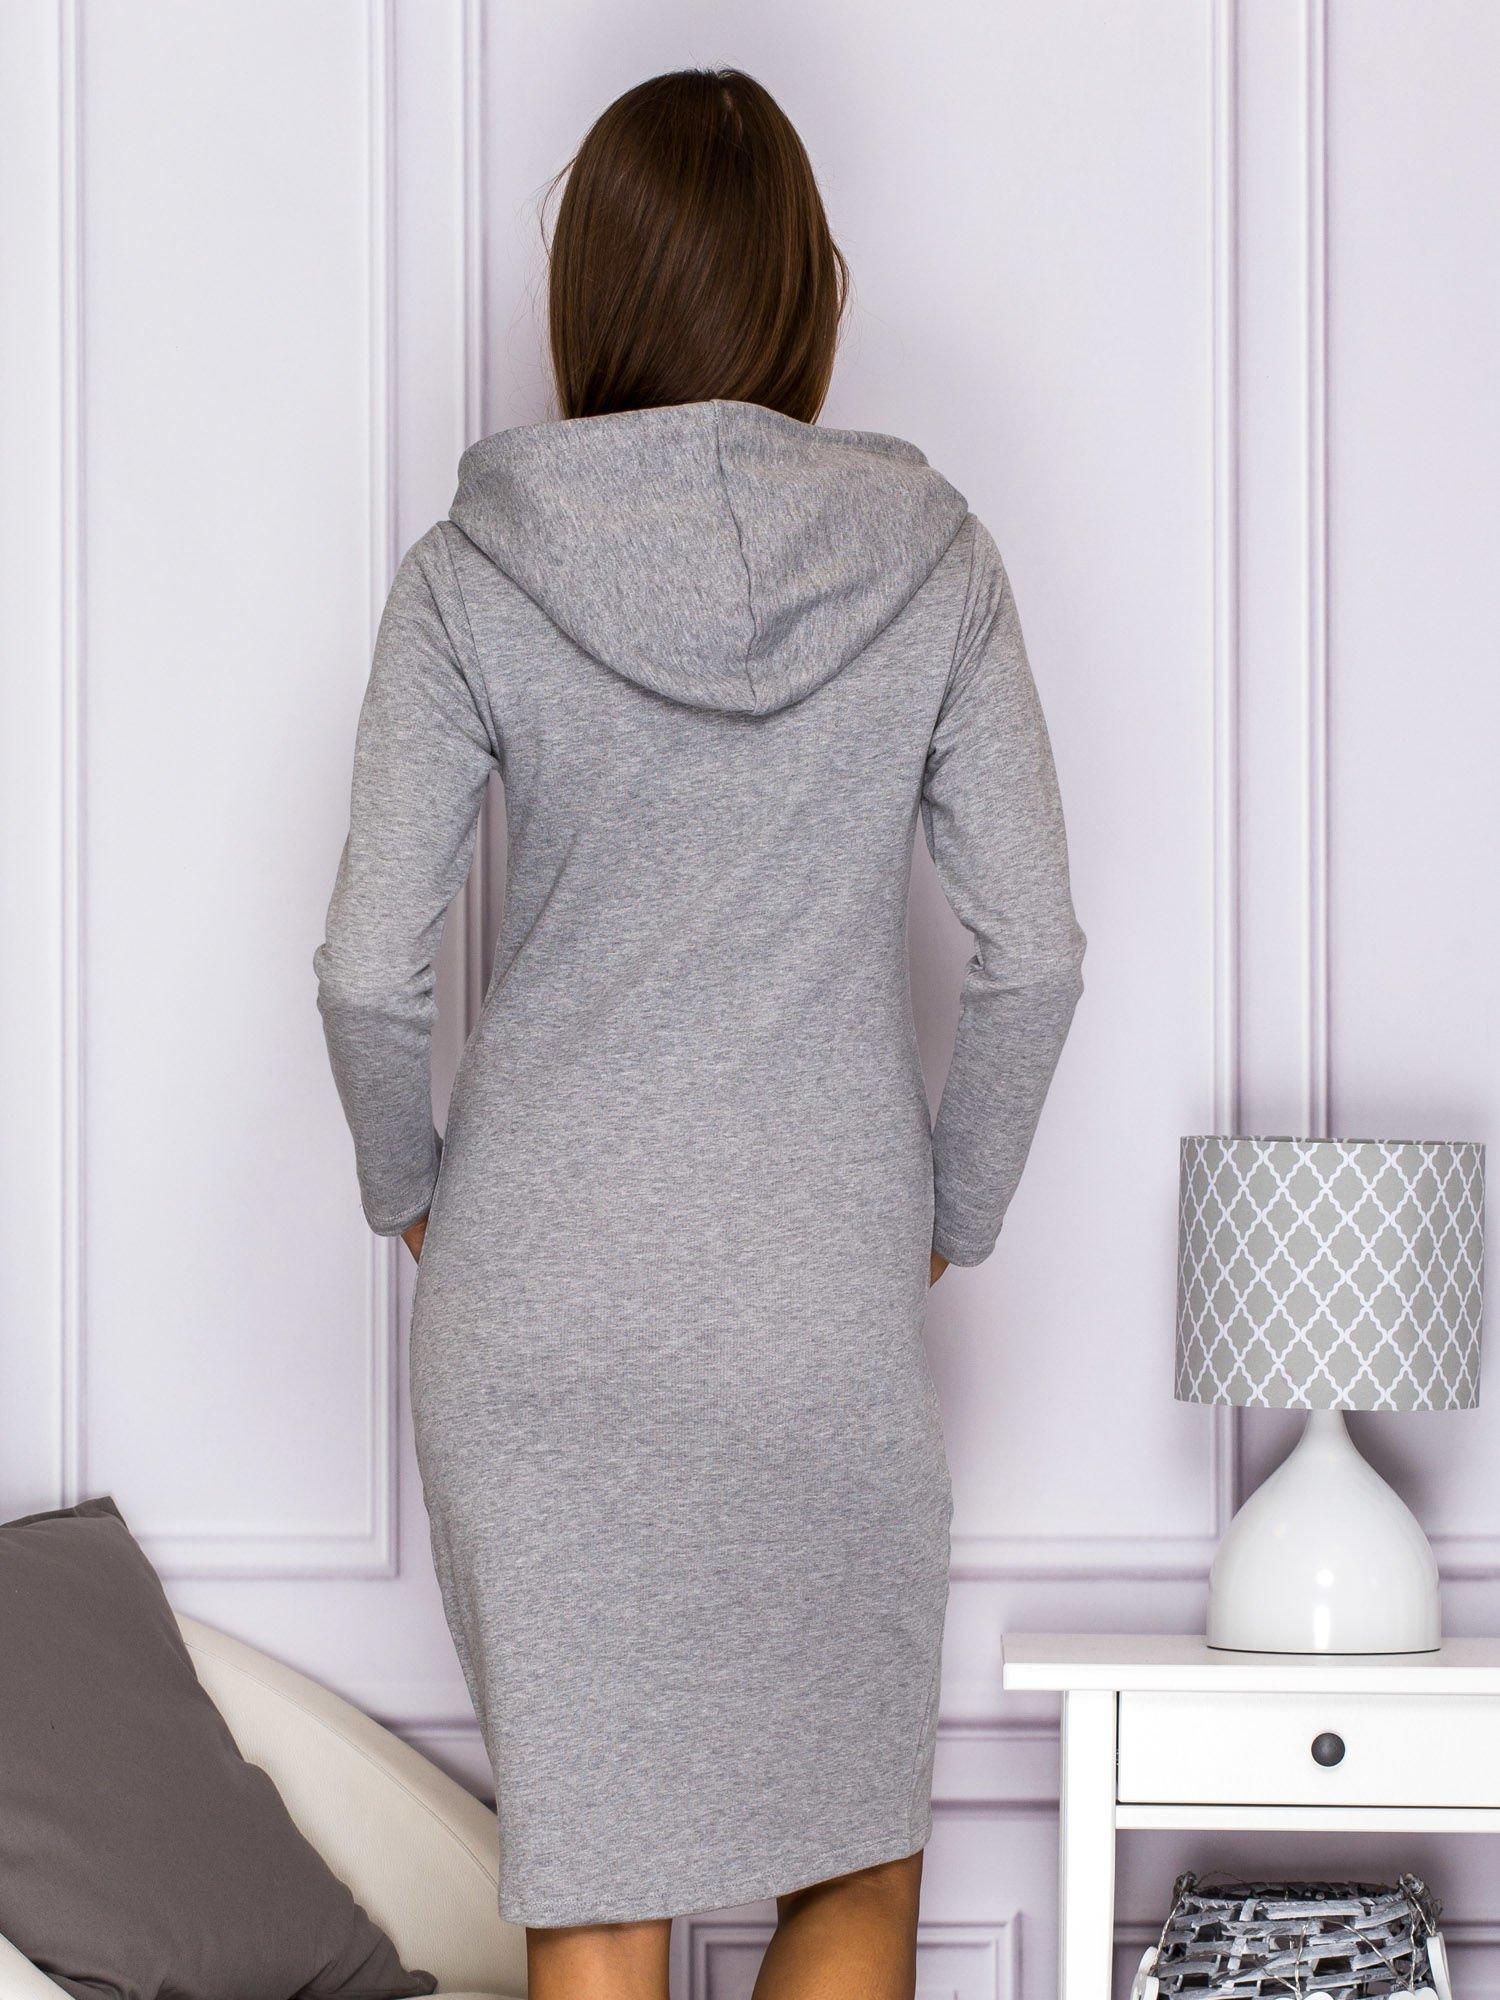 9c62800cdf Sukienka dresowa z kapturem i kieszeniami szara - Sukienka dzianinowa -  sklep eButik.pl